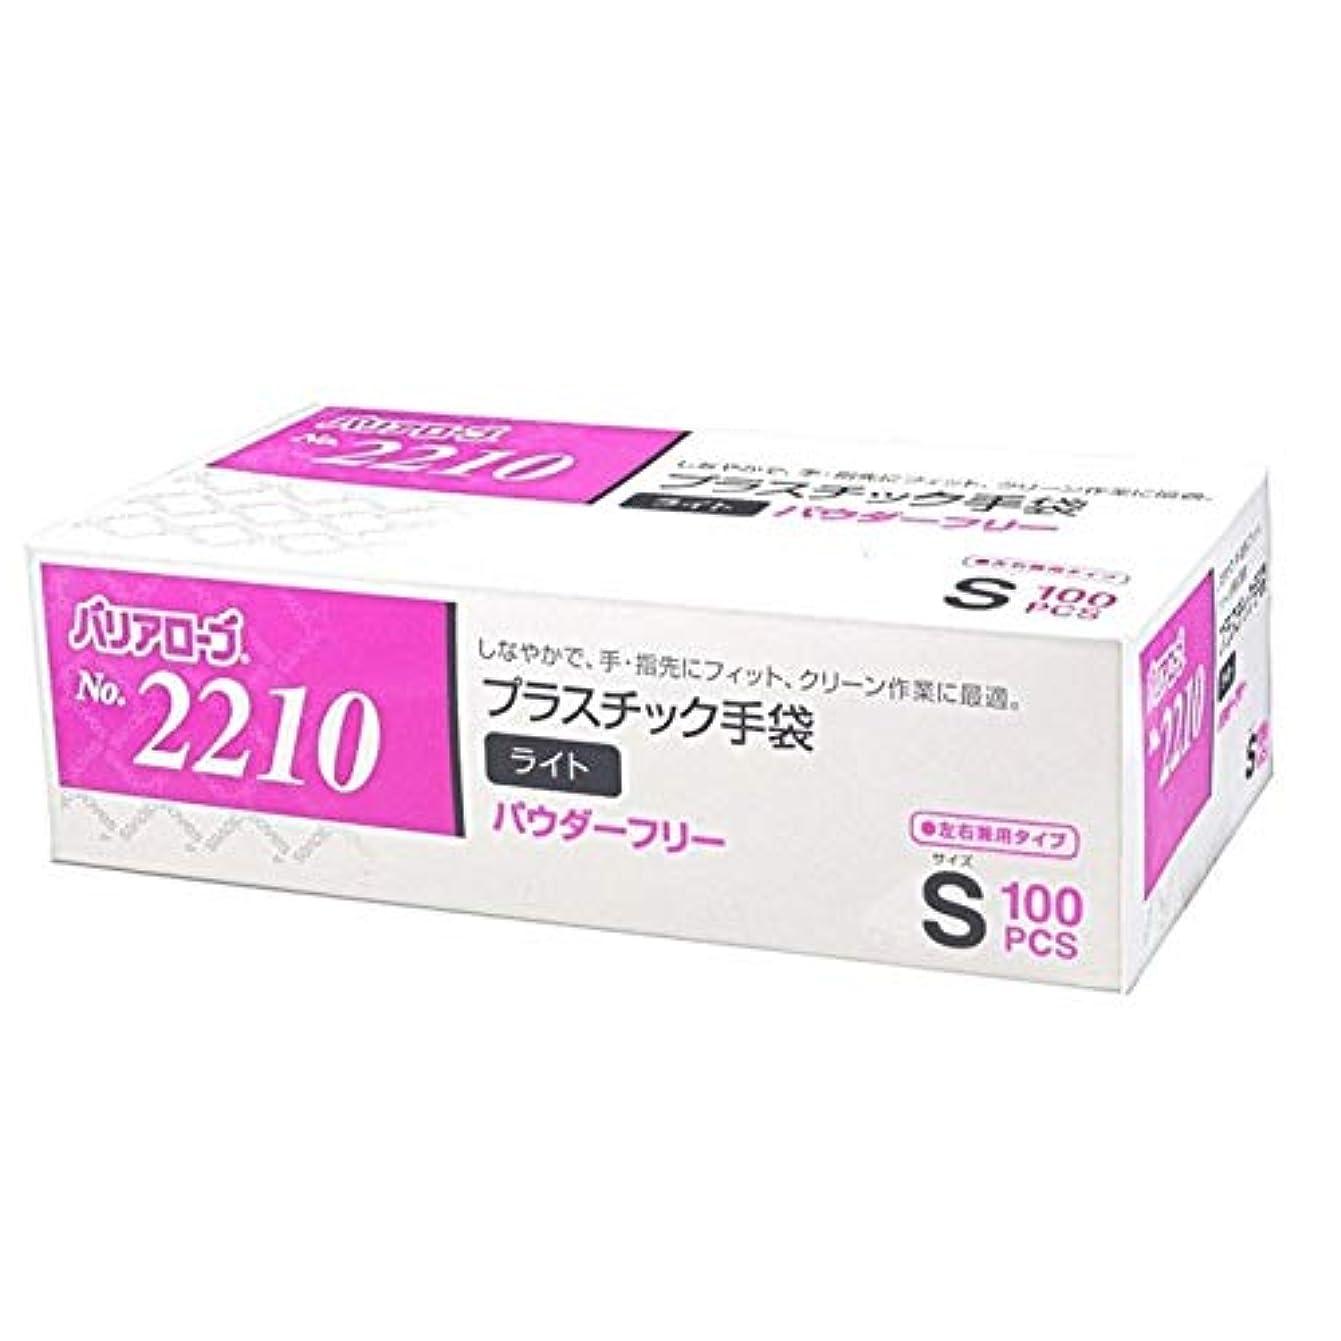 人種早めるセールスマン【ケース販売】 バリアローブ №2210 プラスチック手袋 ライト (パウダーフリー) S 2000枚(100枚×20箱)